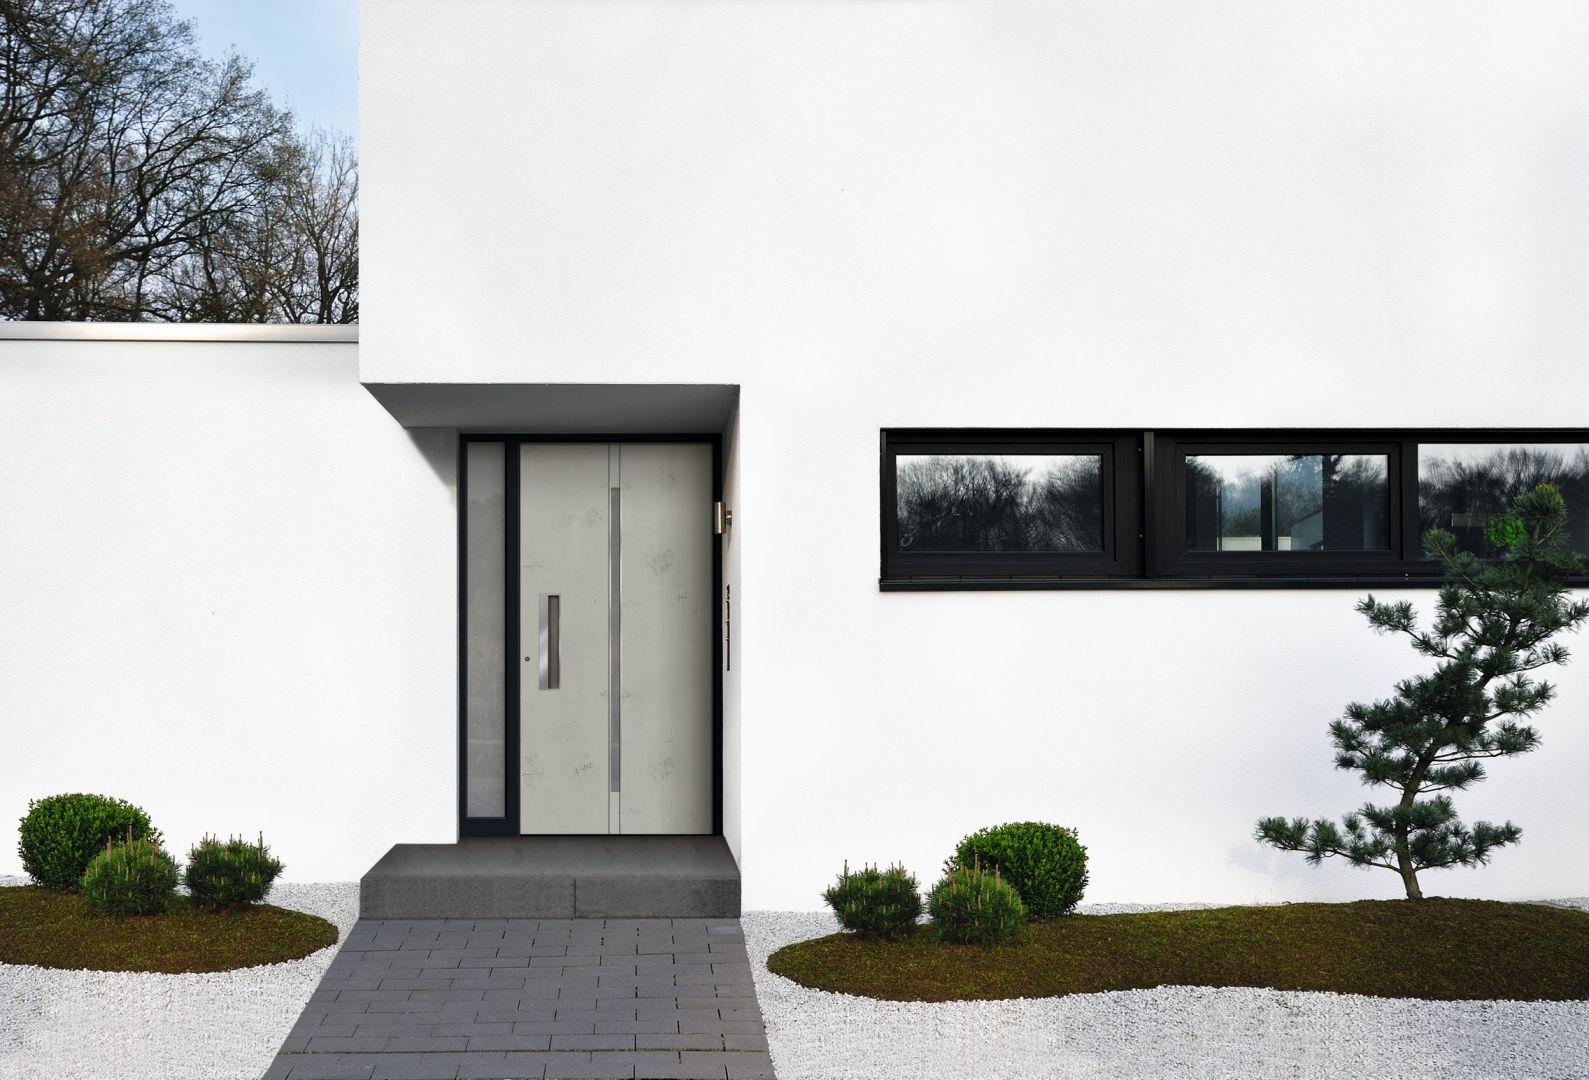 Dobierając drzwi wejściowe, nie należy zapominać o ich efektywności energetycznej. Na zdjęciu: drzwi zewnętrze z kolekcji Avangarde. Fot. Awilux